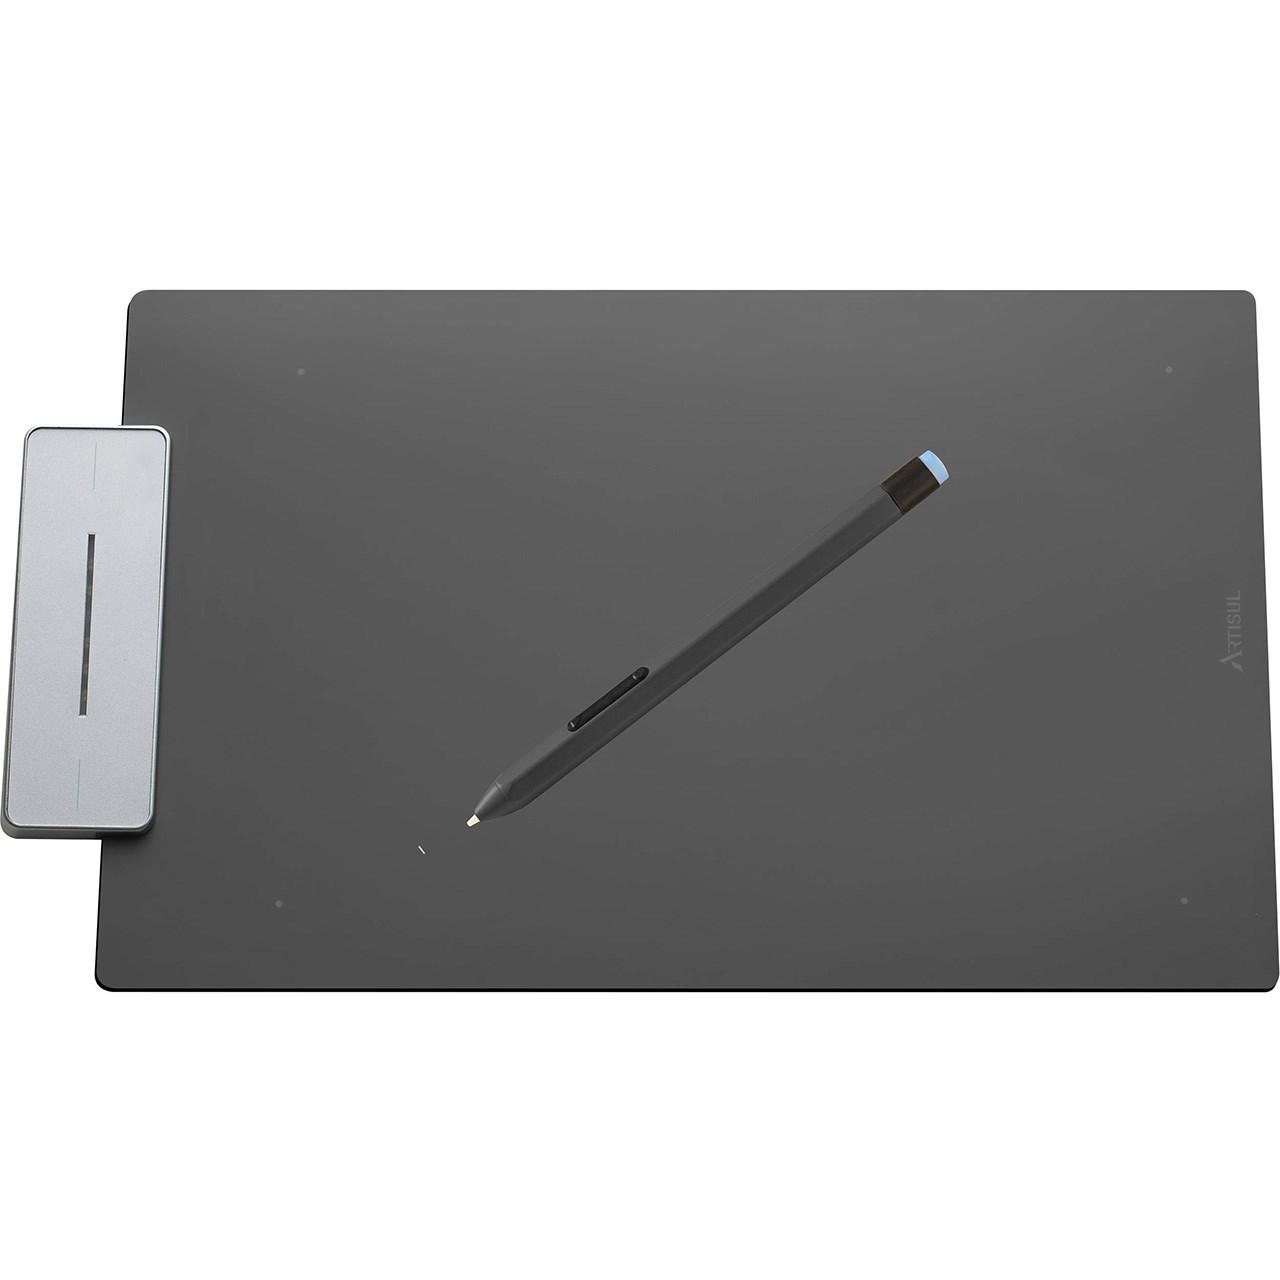 قلم نوری آرتیسول مدل Artisul Pencil سایز متوسط